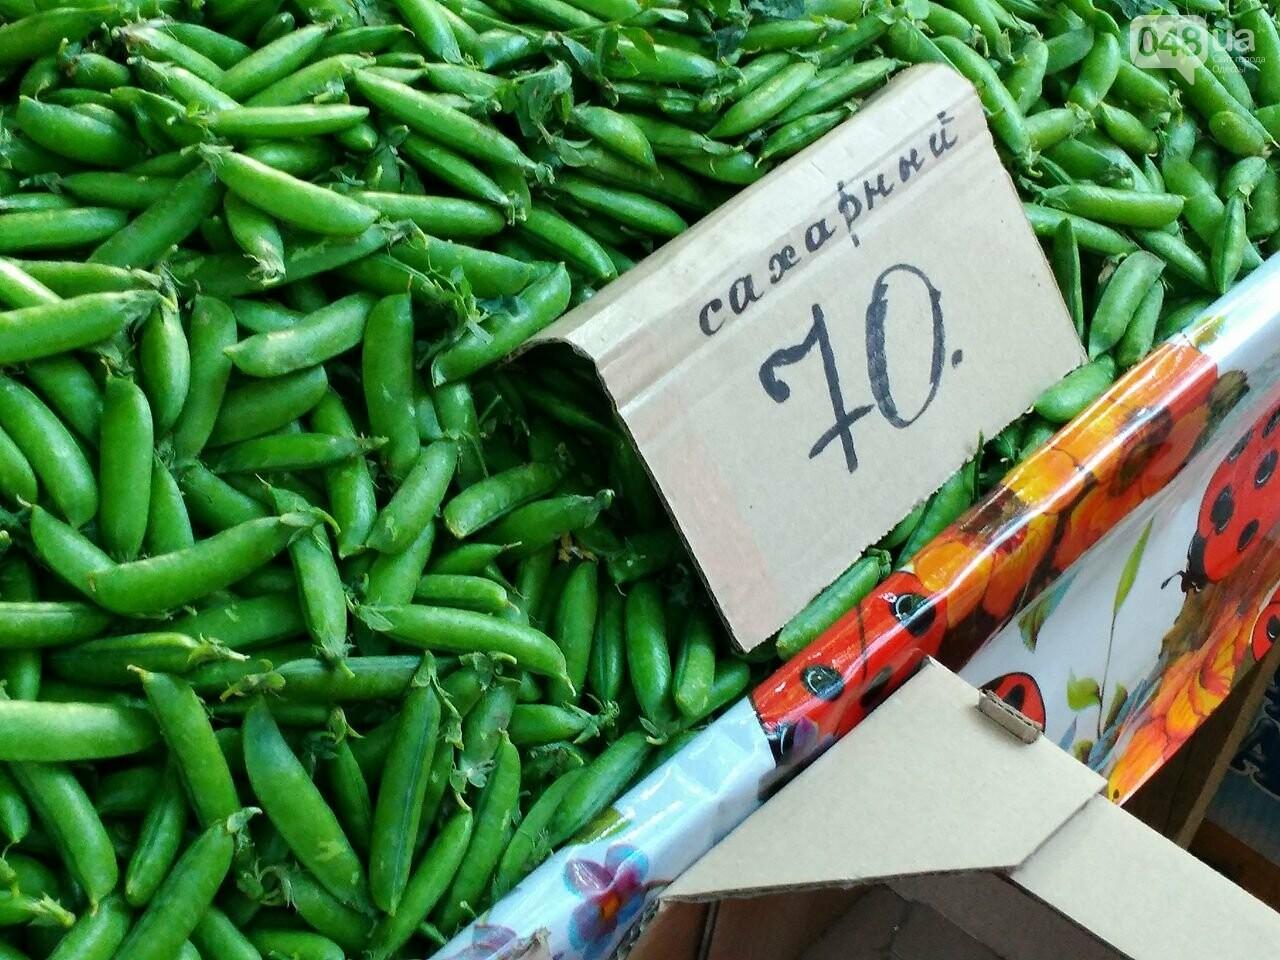 На одесских рынках появились зеленый горошек и черешня, а цена на клубнику упала, - ФОТО, фото-1